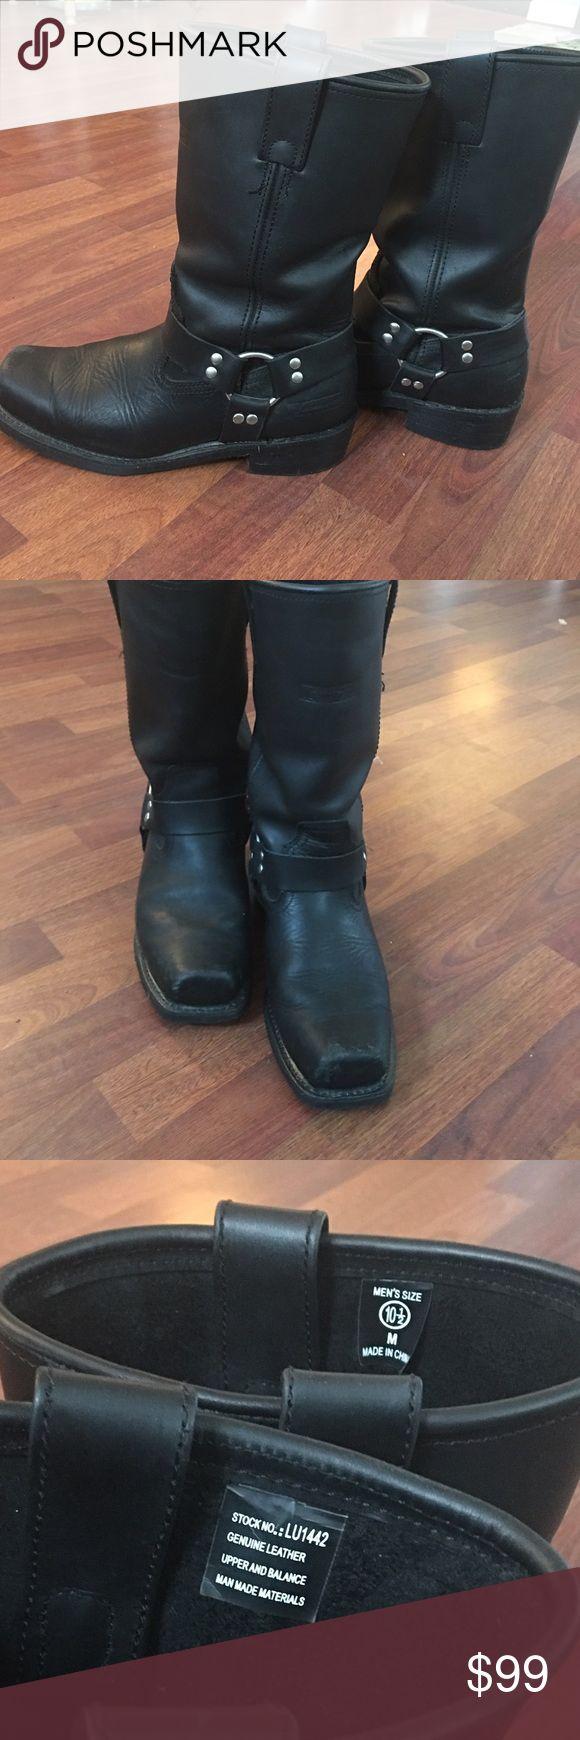 Xelement men's motorcycle boots Xelement motorcycle boots x element Shoes Boots